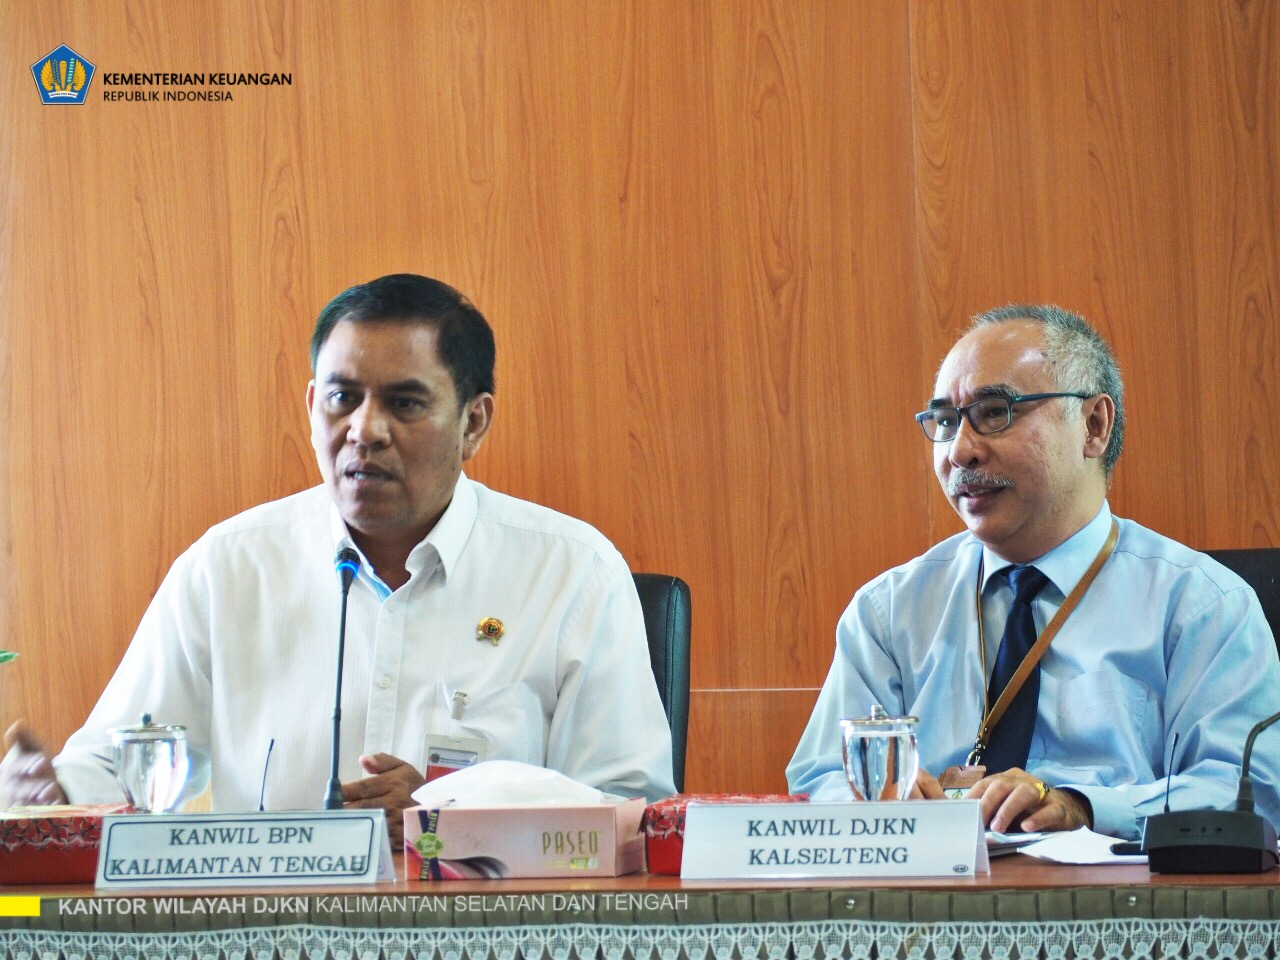 Sinergi DJKN dan BPN dalam Tuntaskan Sertifikasi BMN Berupa Tanah di Kalimantan Tengah